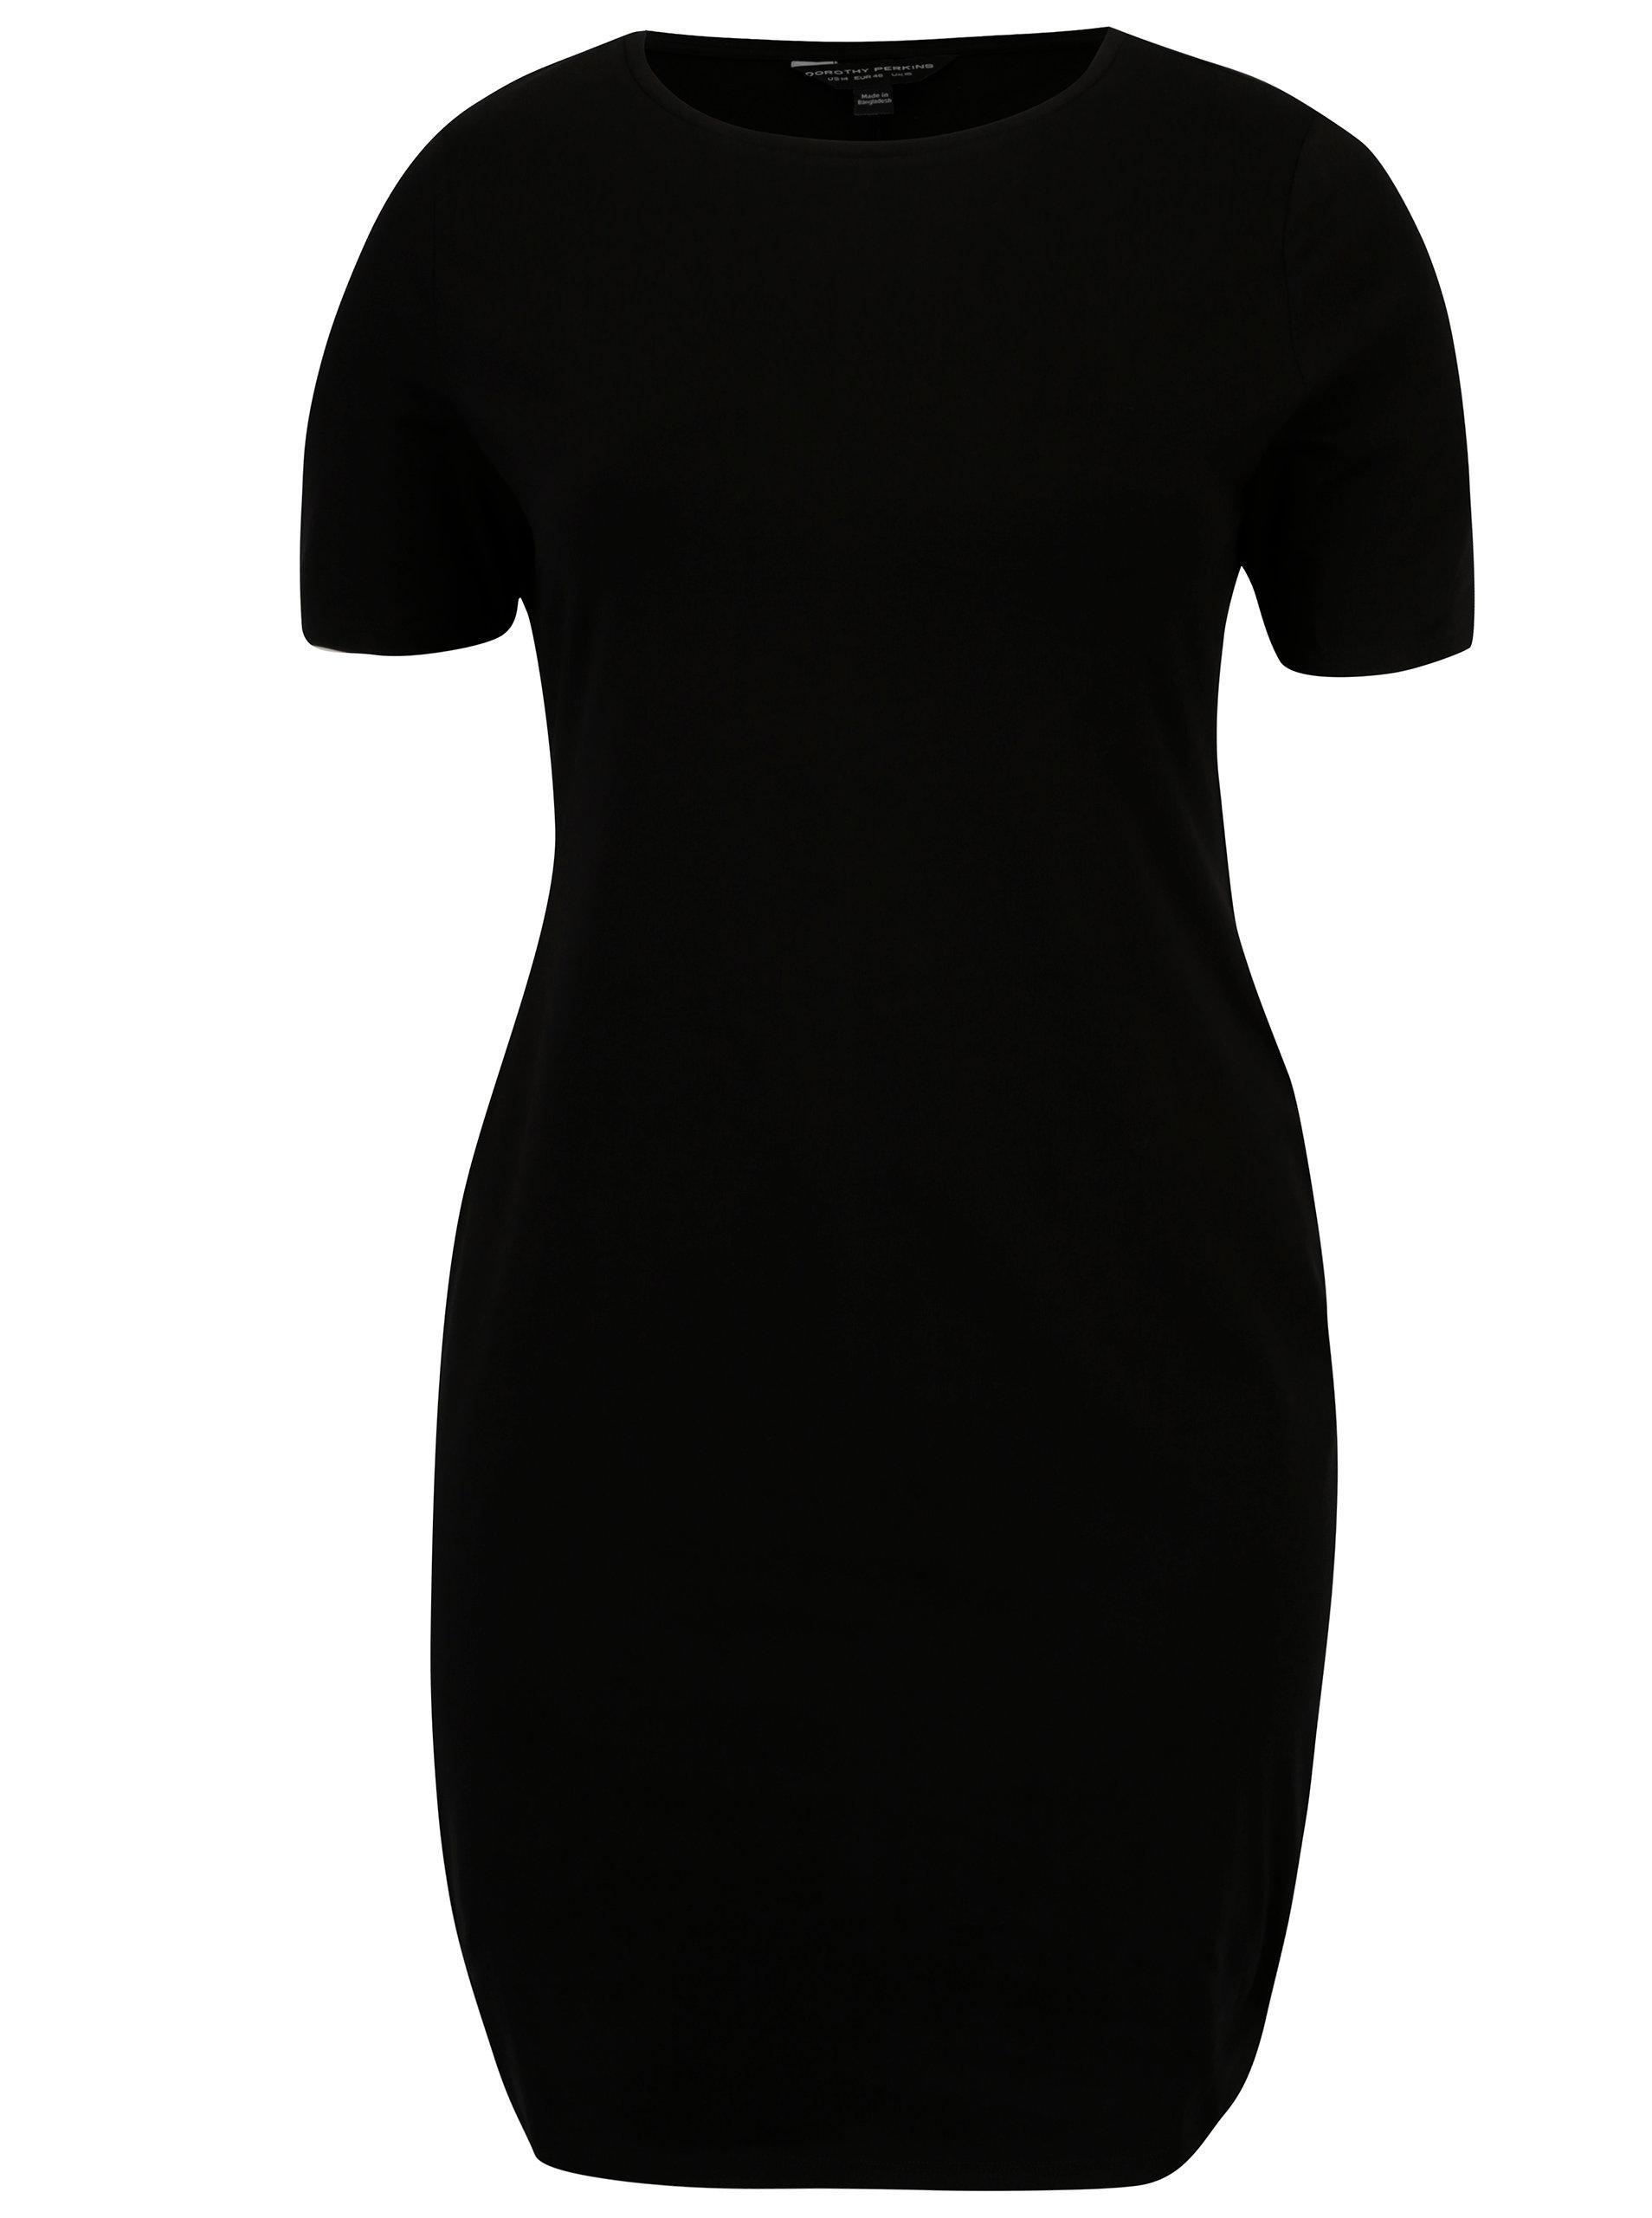 Černé pouzdrové šaty s krátkým rukávem Dorothy Perkins ... 44111b7511